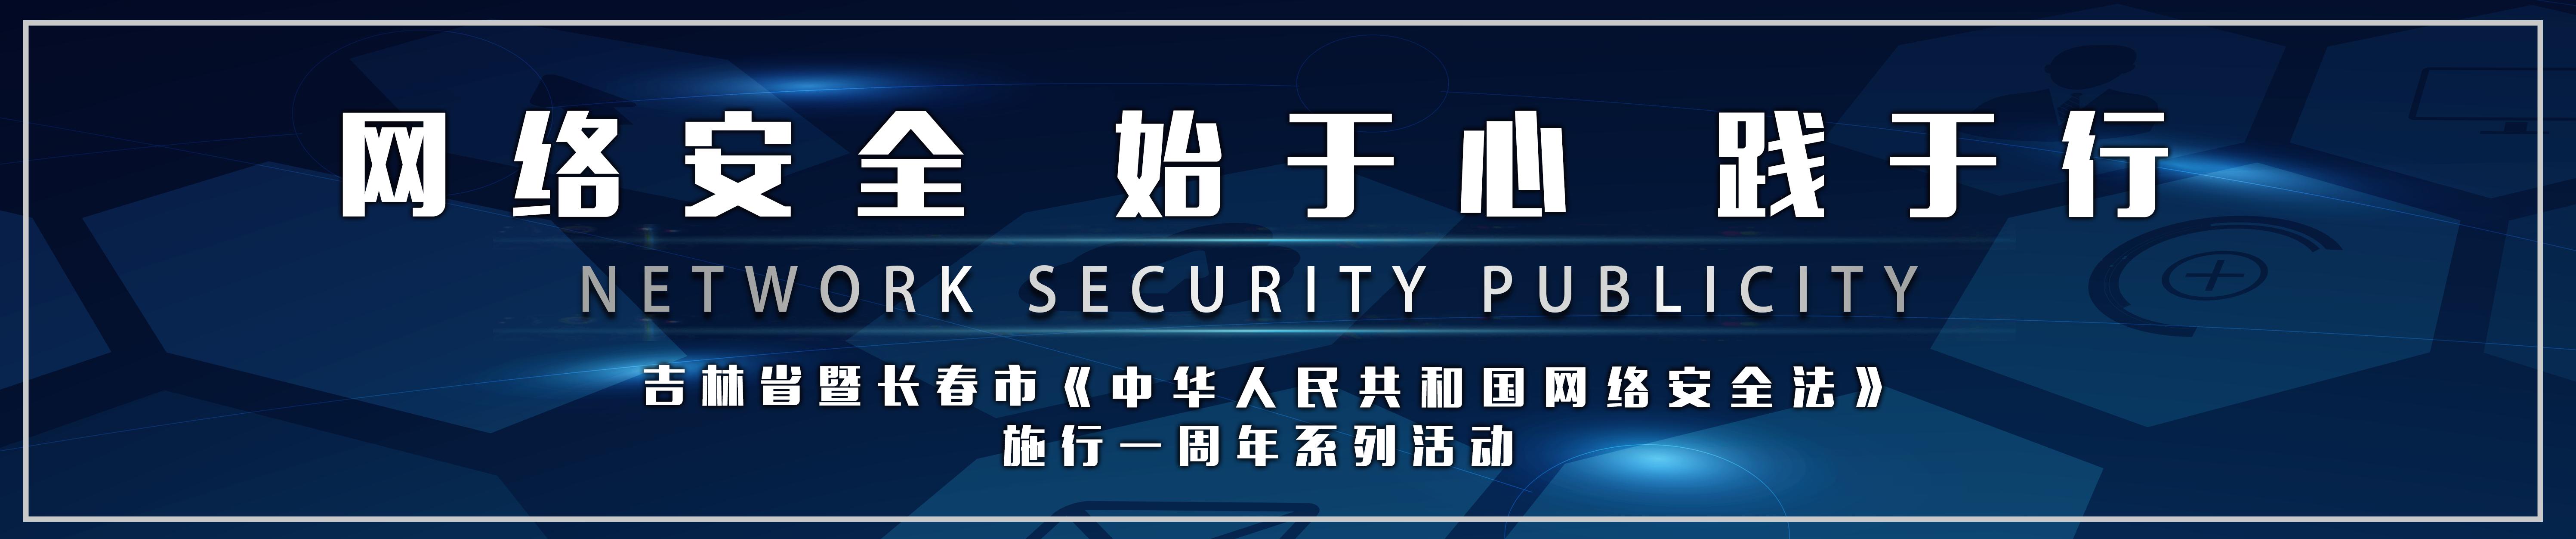 树立网络安全观,全民共筑安全线